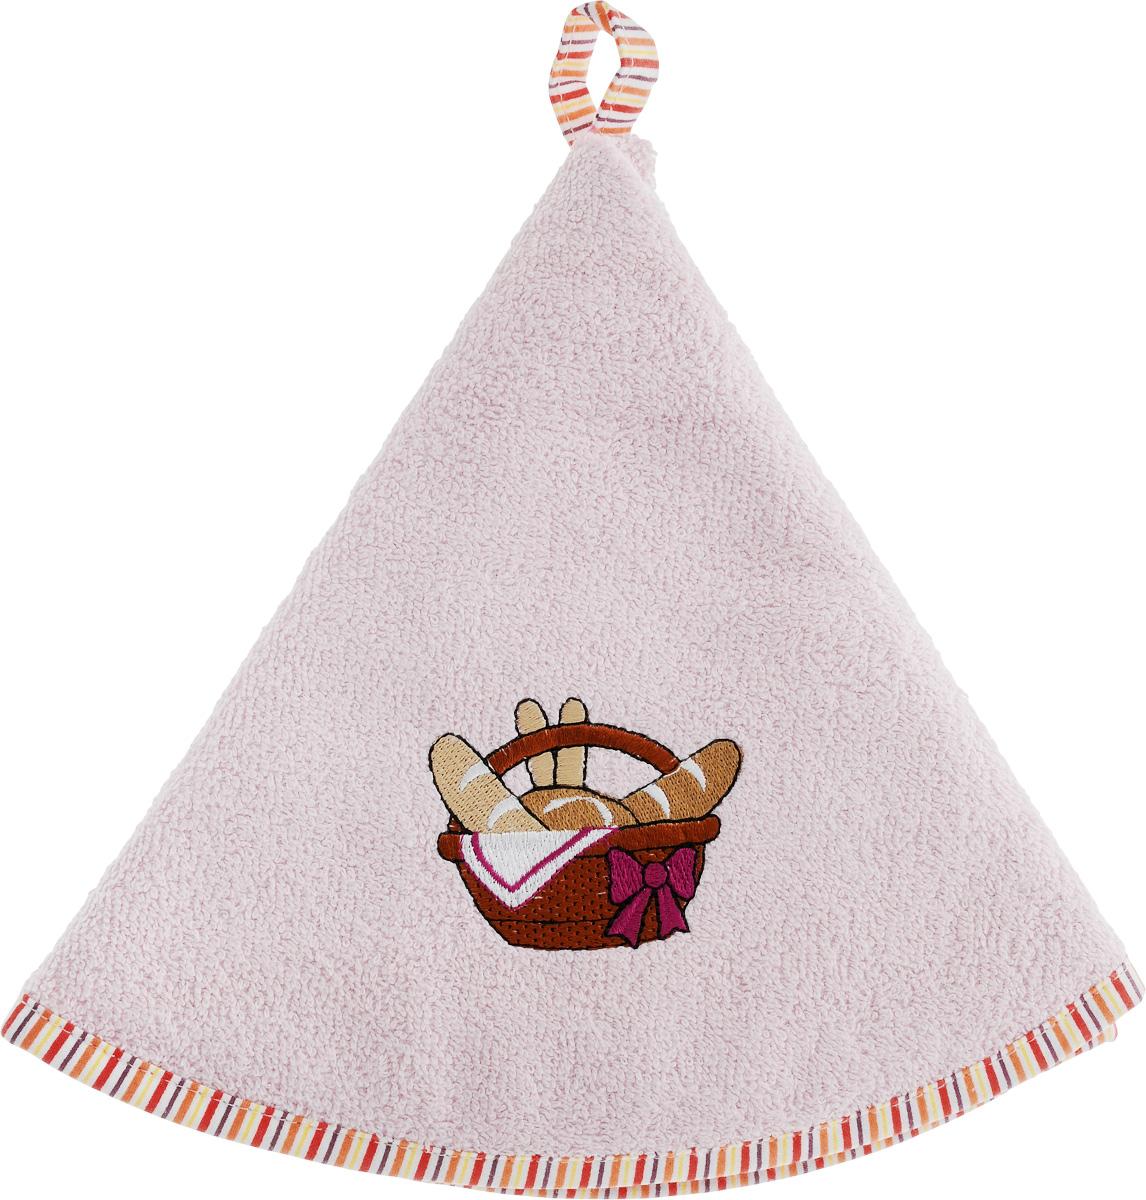 Салфетка кухонная Karna Zelina, цвет: светло-розовый, диаметр 50 см. 504/CHAR0011004900000360Круглая кухонная салфетка Karna Zelina выполнена из приятной на ощупь махровой ткани (100% хлопок). Изделие отлично впитывает влагу, быстро сохнет, сохраняет яркость цвета и не теряет форму даже после многократных стирок. Салфетка дополнена каймой контрастного цвета и красивой вышивкой. С помощью специальной петельки ее удобно вешать на крючок. Салфетка очень практична и неприхотлива в уходе. Она создаст прекрасное настроение и дополнит интерьер.